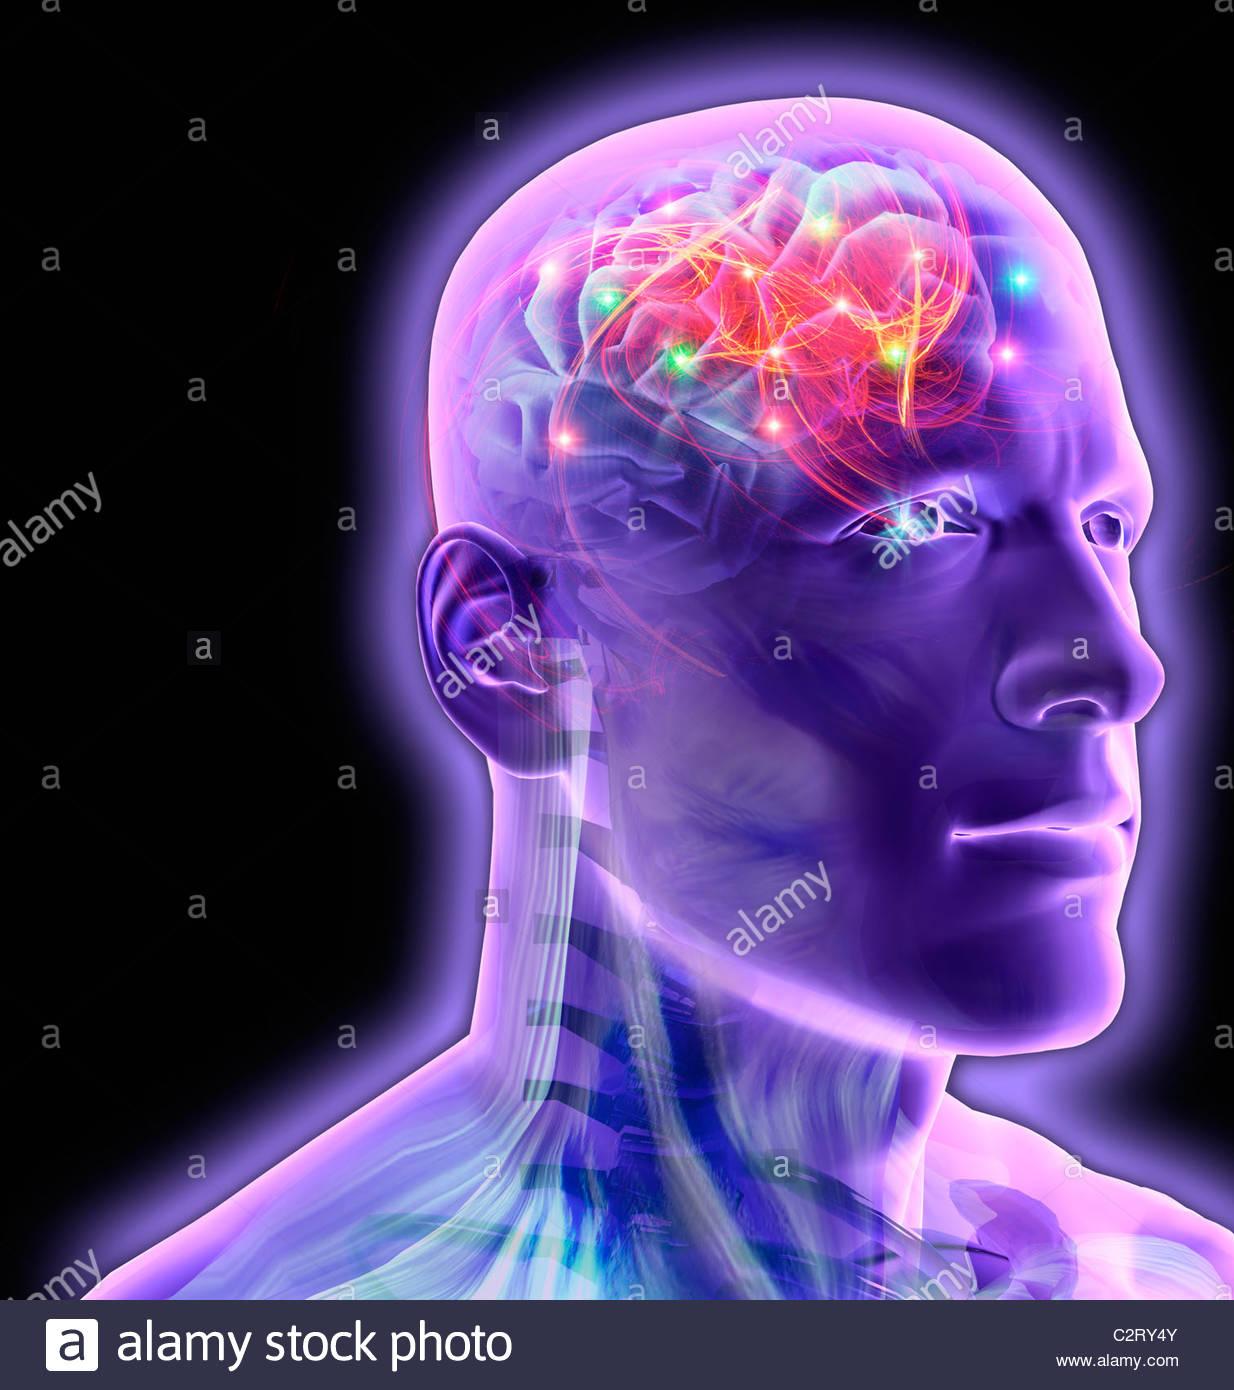 Do cérebro de homem transparente brilhante e espumantes Imagens de Stock